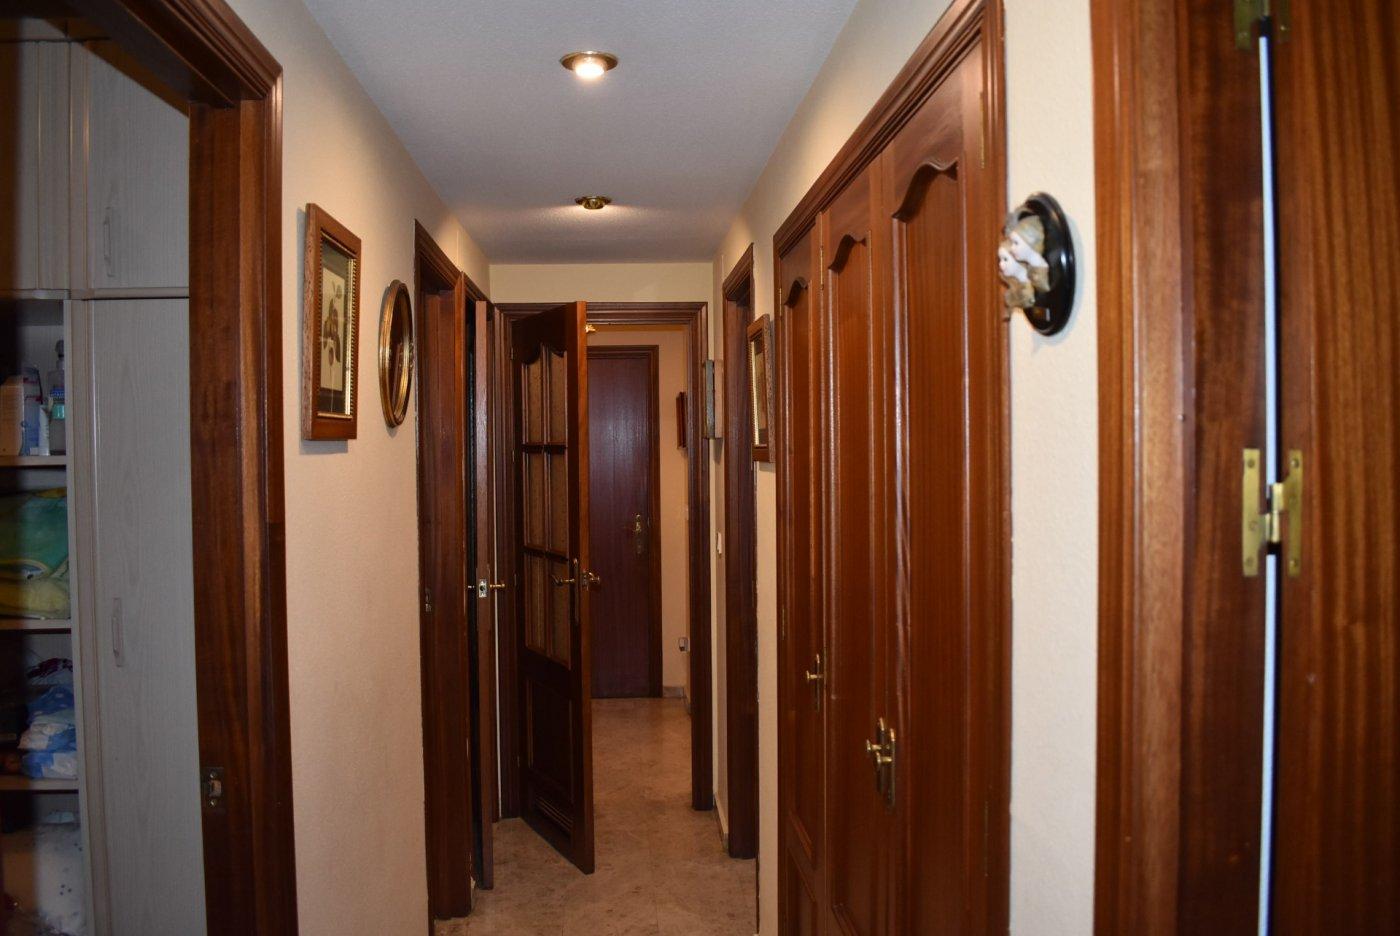 MagnÍfico piso en la zona del carmen - imagenInmueble13